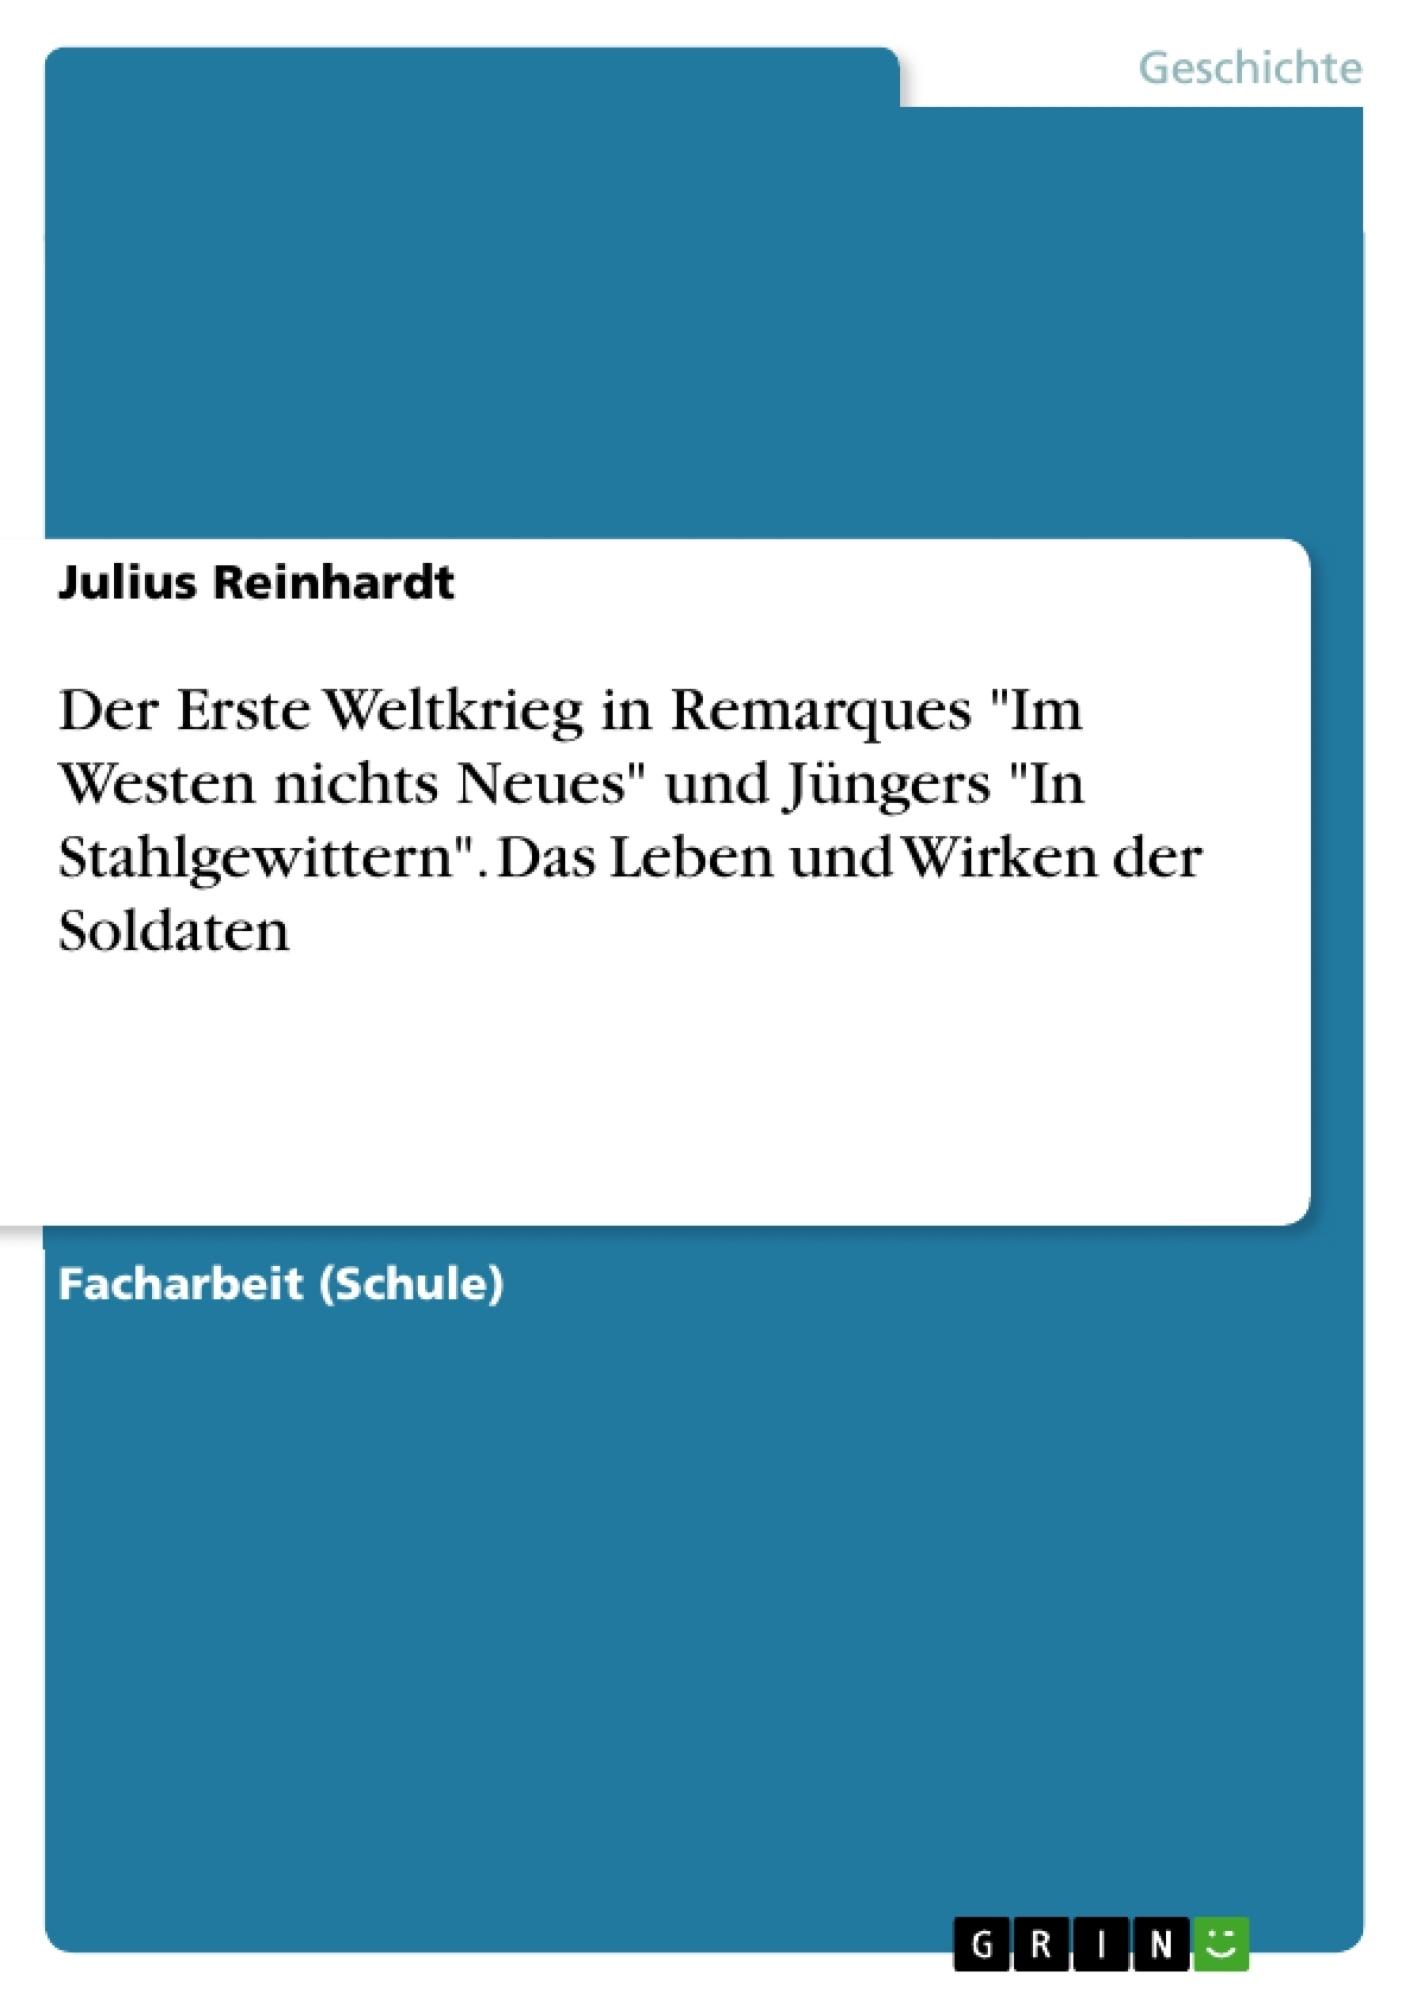 """Titel: Der Erste Weltkrieg in Remarques """"Im Westen nichts Neues"""" und Jüngers """"In Stahlgewittern"""". Das Leben und Wirken der Soldaten"""